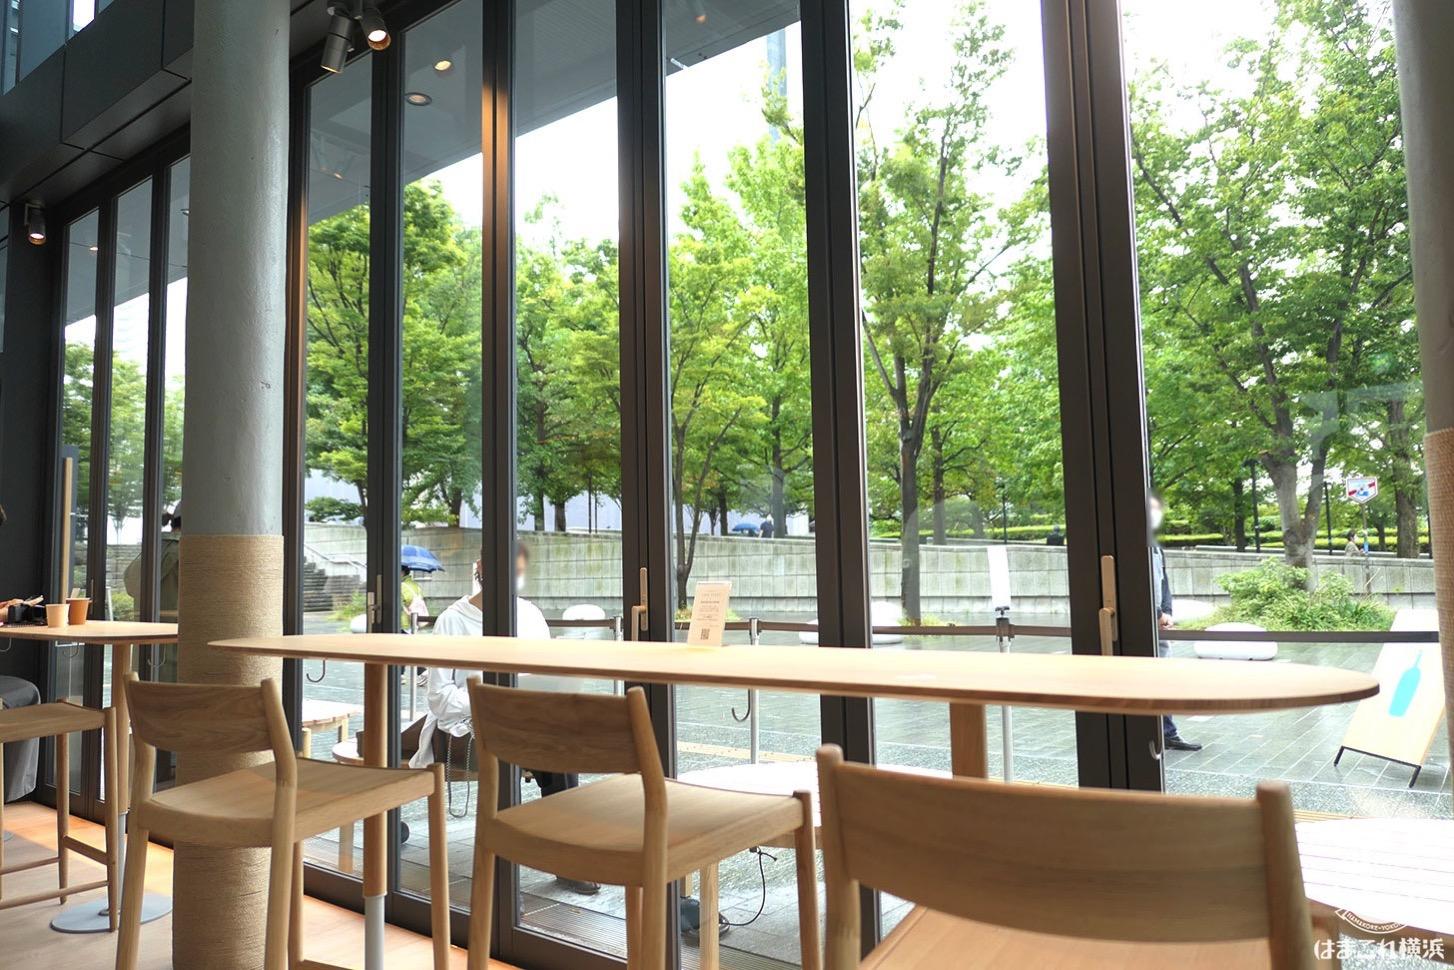 ブルーボトルコーヒーみなとみらいカフェ 窓側のカウンター席から見える緑